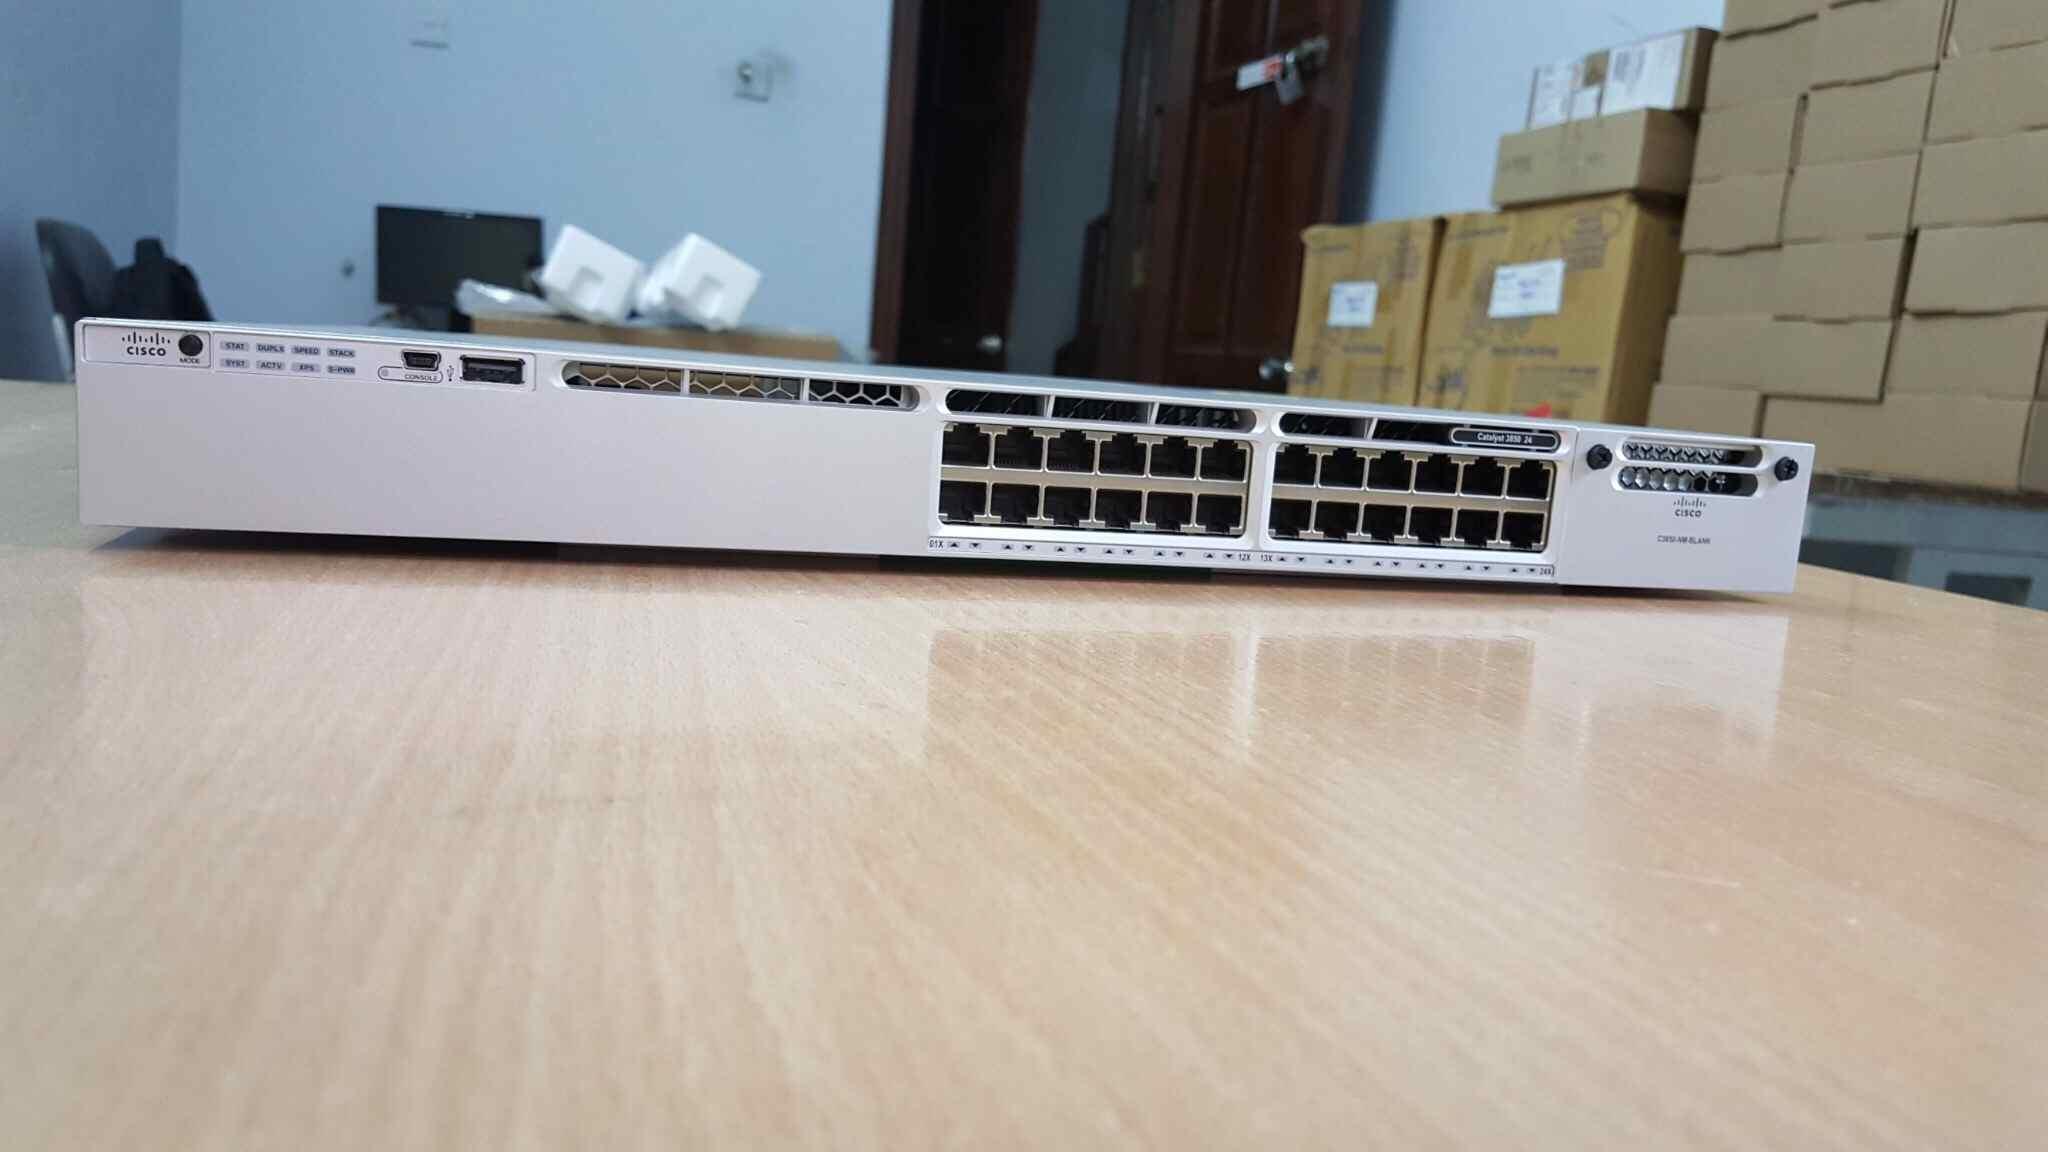 Phân phối switch cisco 24 port layer 3 chính hãng